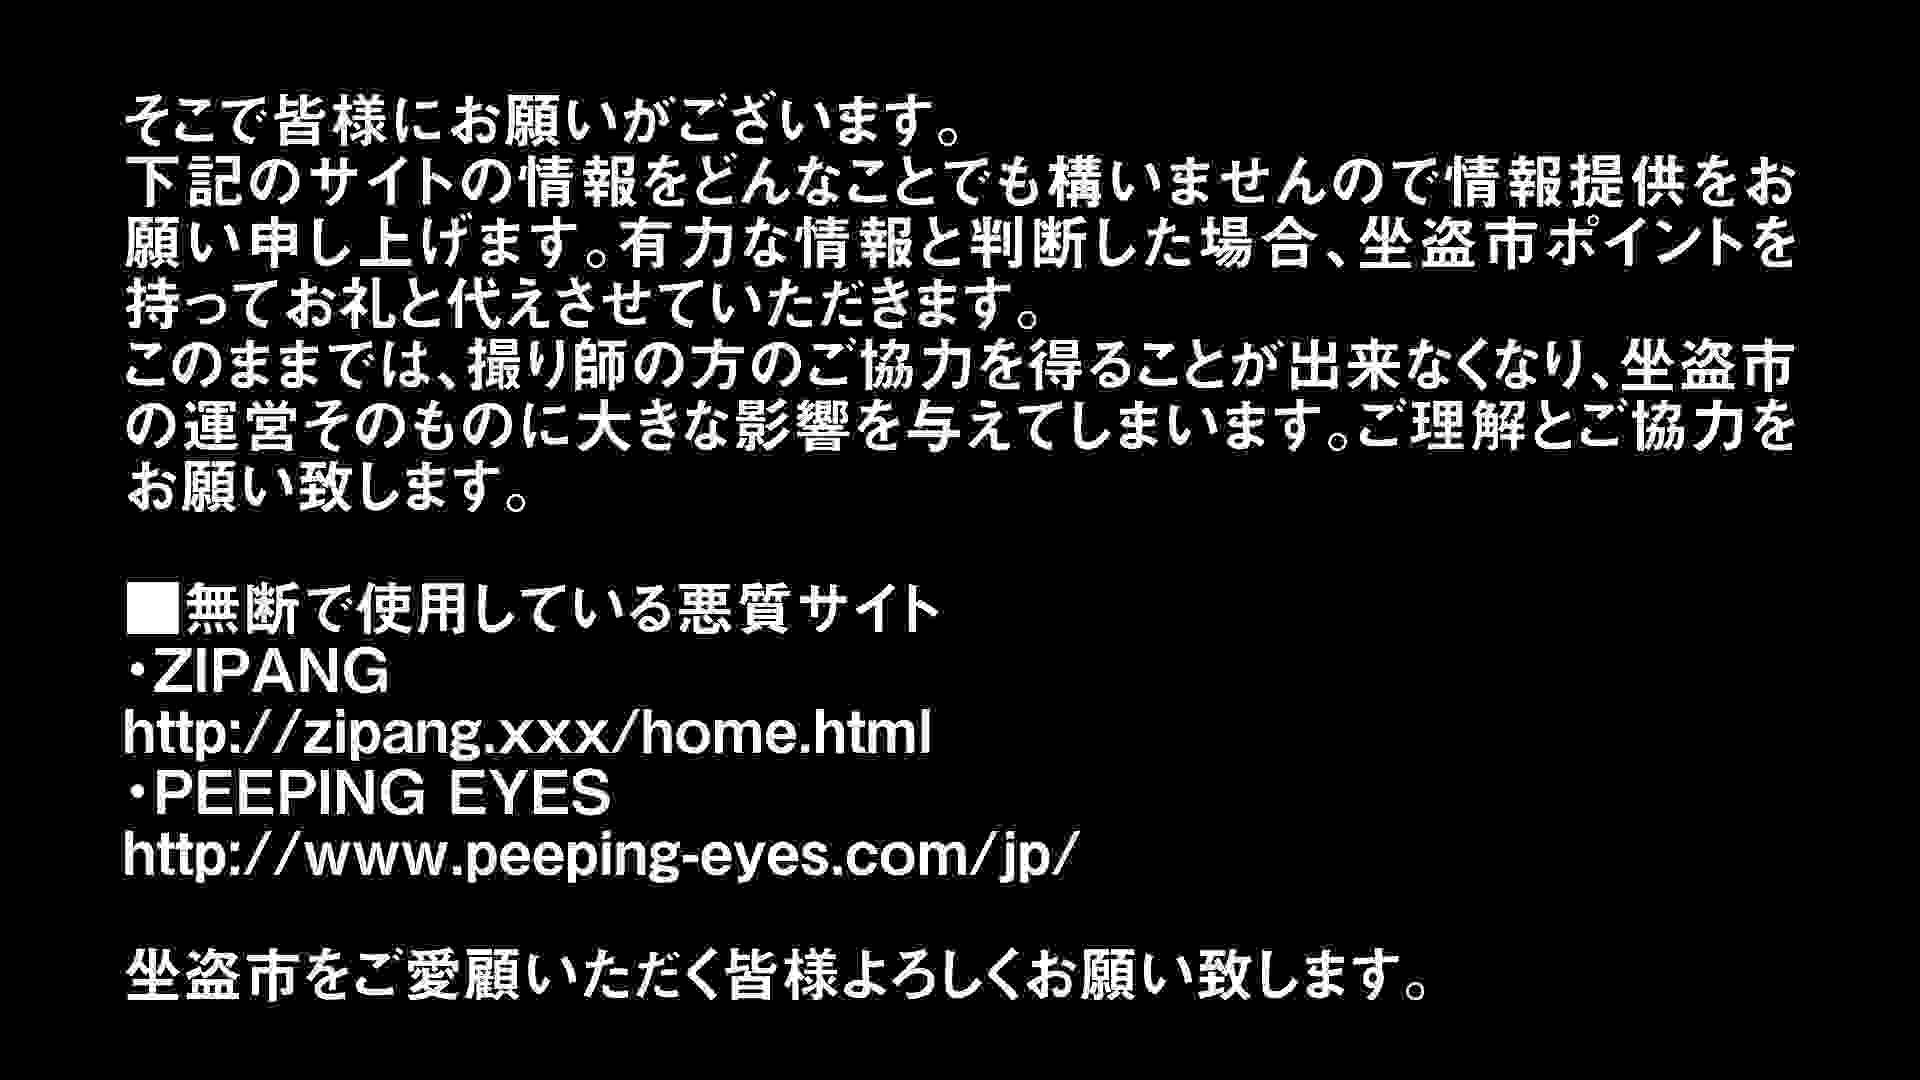 Aquaな露天風呂Vol.301 OLハメ撮り  41Pix 13